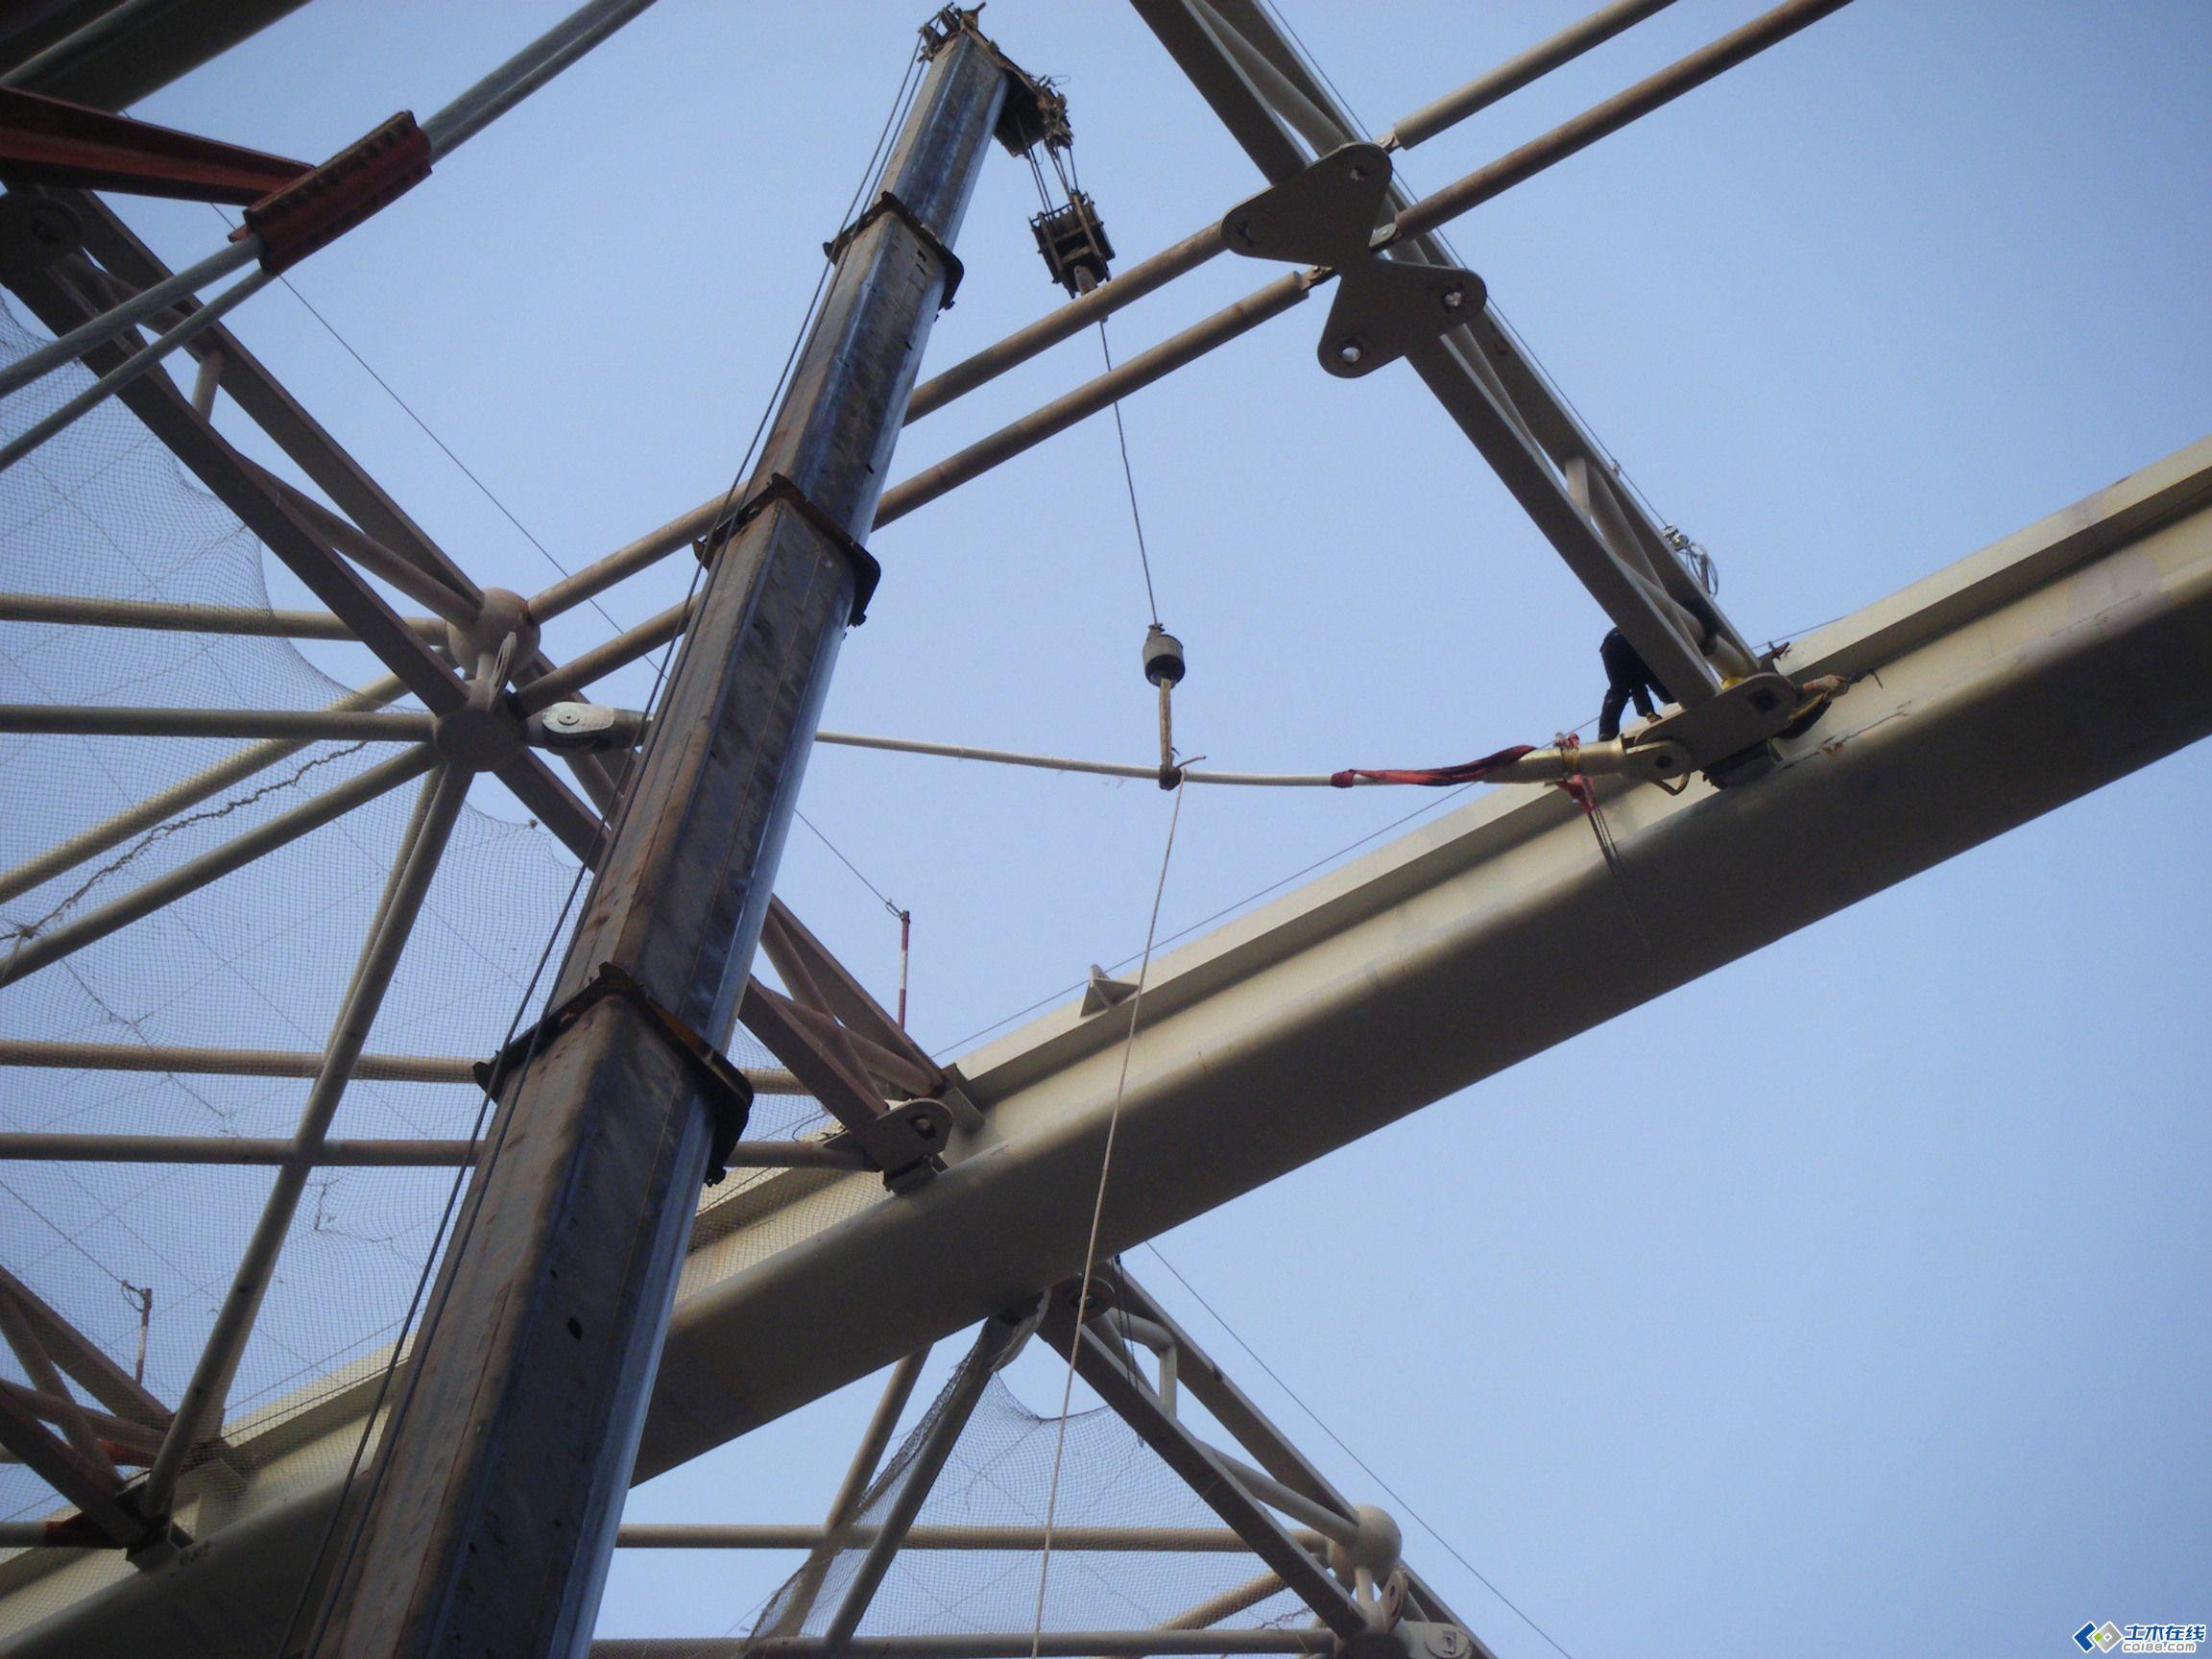 青岛北站的钢结构安装图片,那是相当相当的经典的工程(一定要下载)